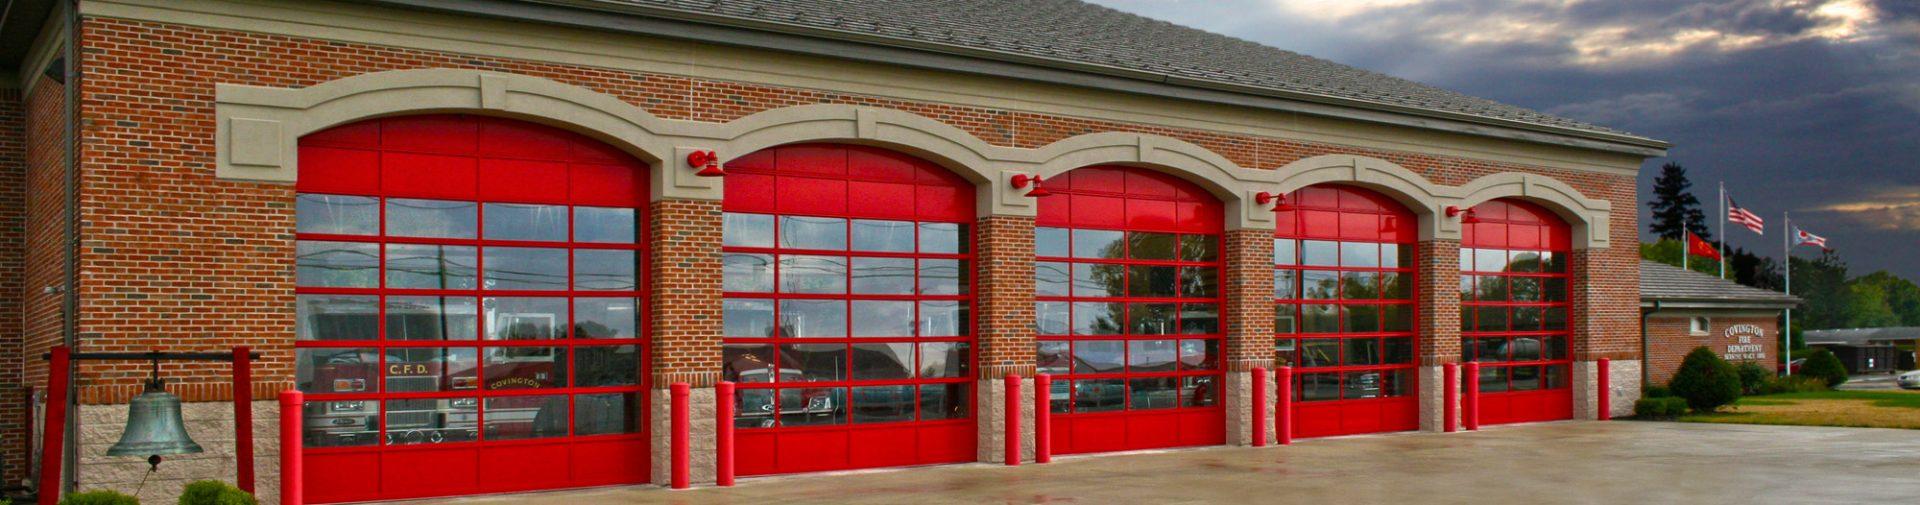 Commercial garage services ae door window for Garage door repair grove city ohio